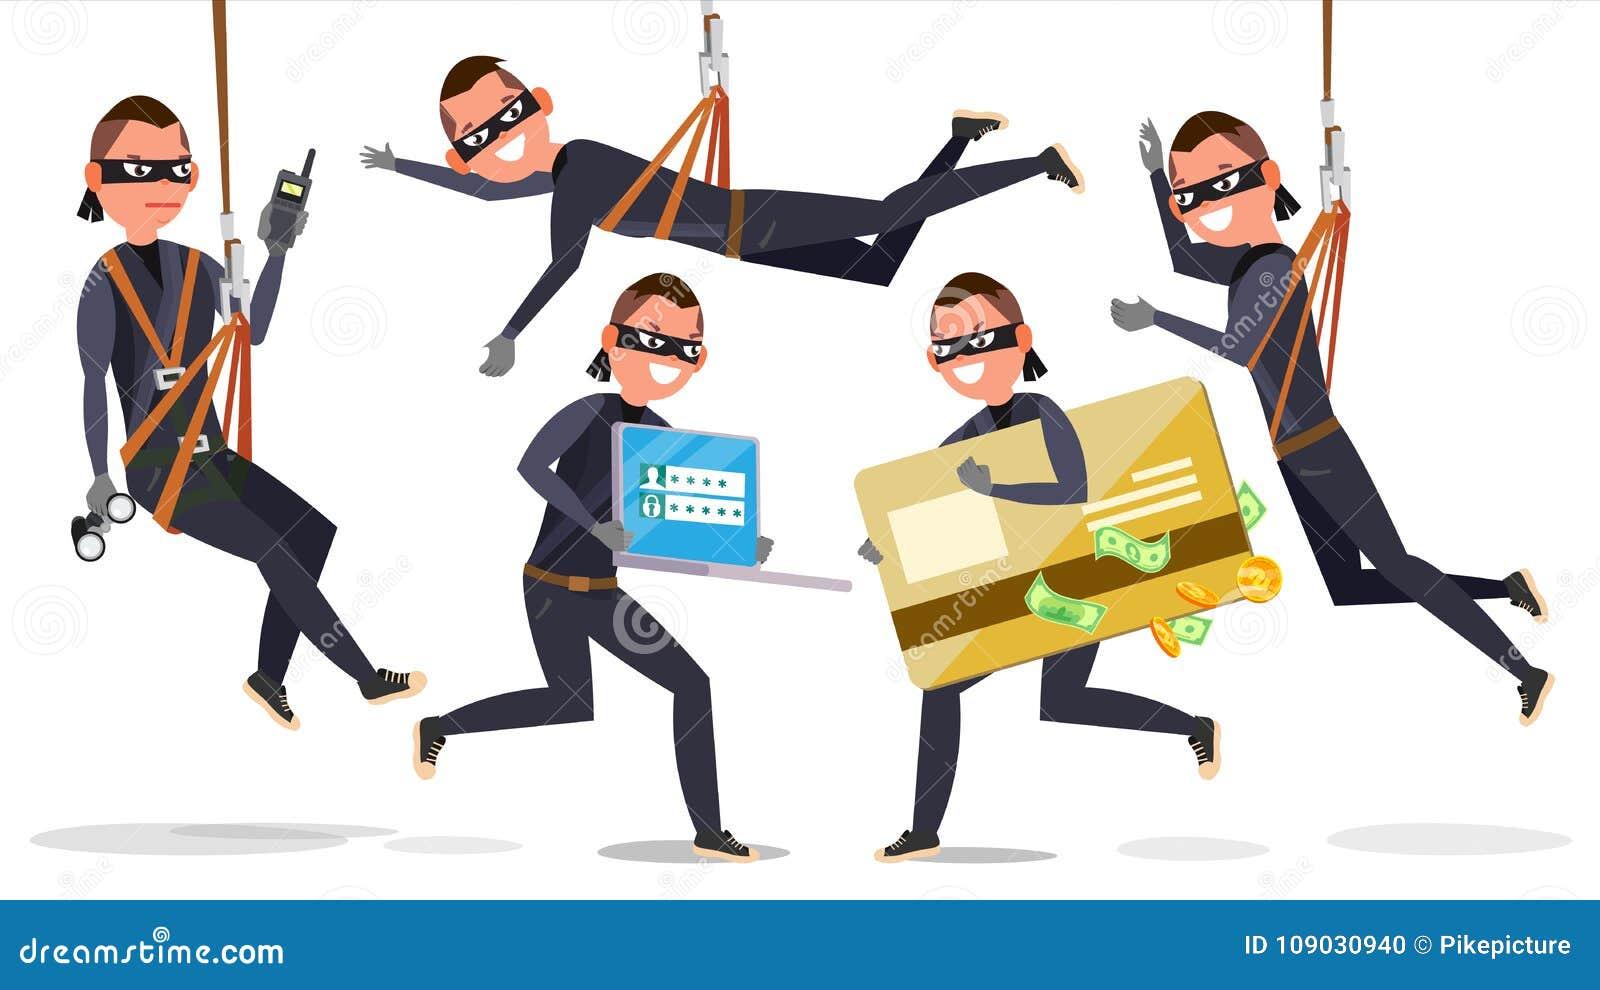 Dieb, Hacker-Mann-gesetzter Vektor Diebstahl von Kreditkarte-Informationen, Personendaten, Geld Fischerei des Angriffs flach